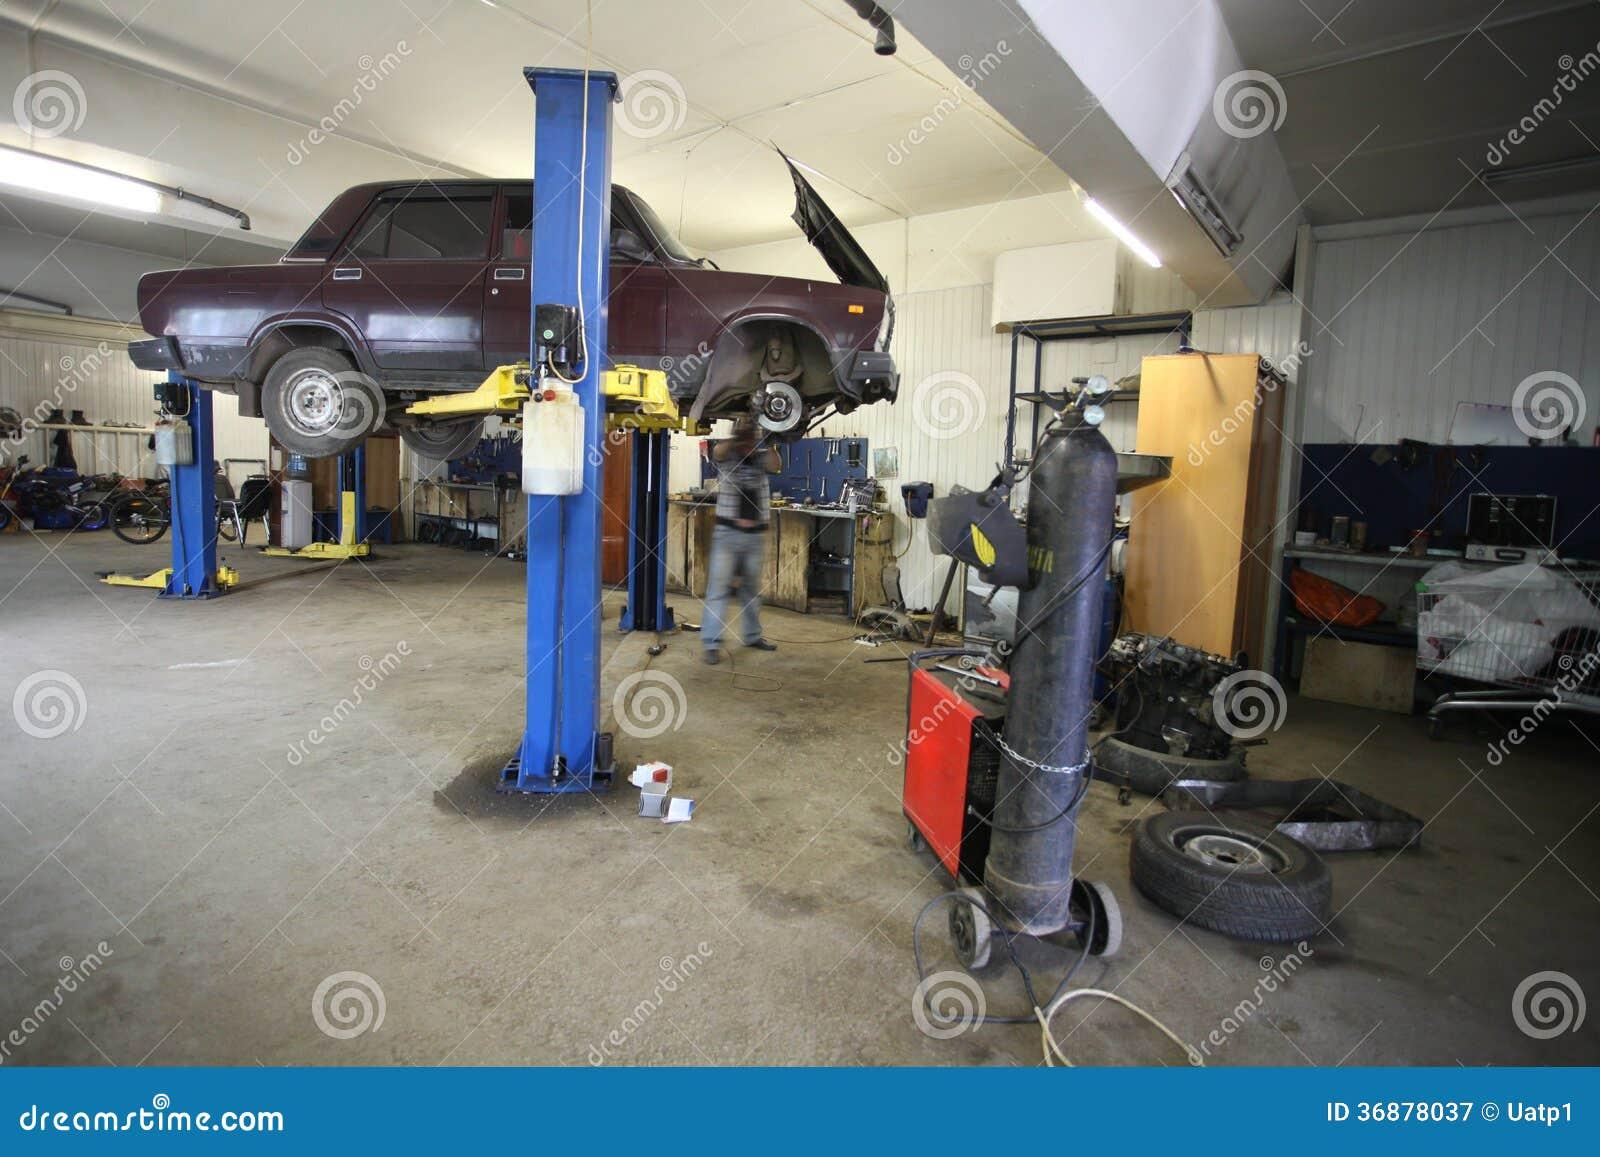 Download Un Garage Di Riparazione Dell'automobile Immagine Stock - Immagine di motore, movimento: 36878037